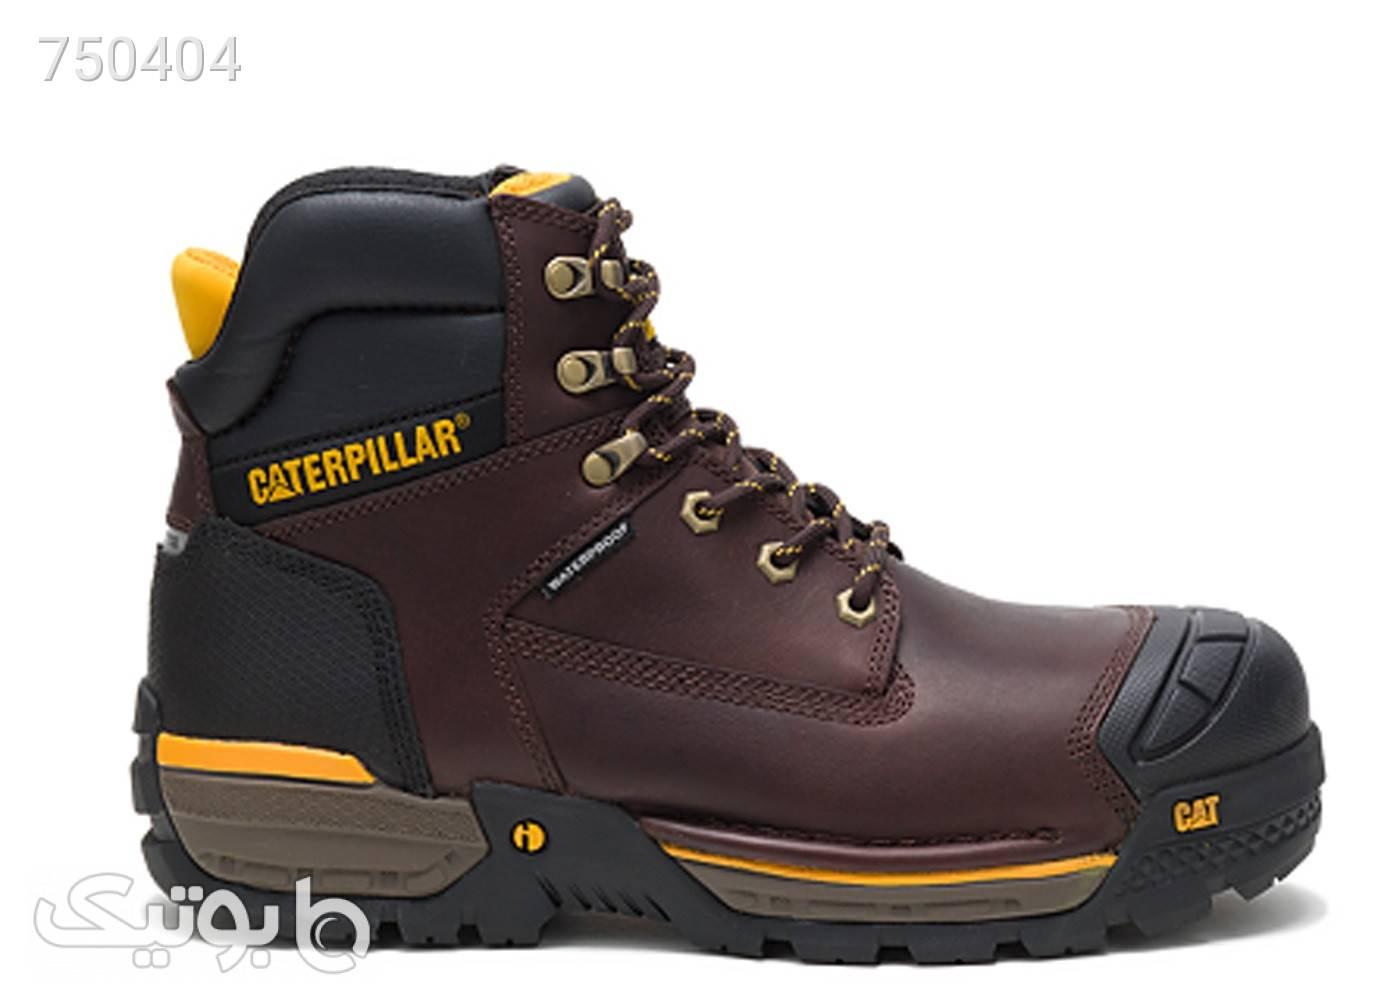 کفش ایمنی مامپوزیت مردانه کاترپیلار مدل caterpillar p91086 مشکی بوت مردانه